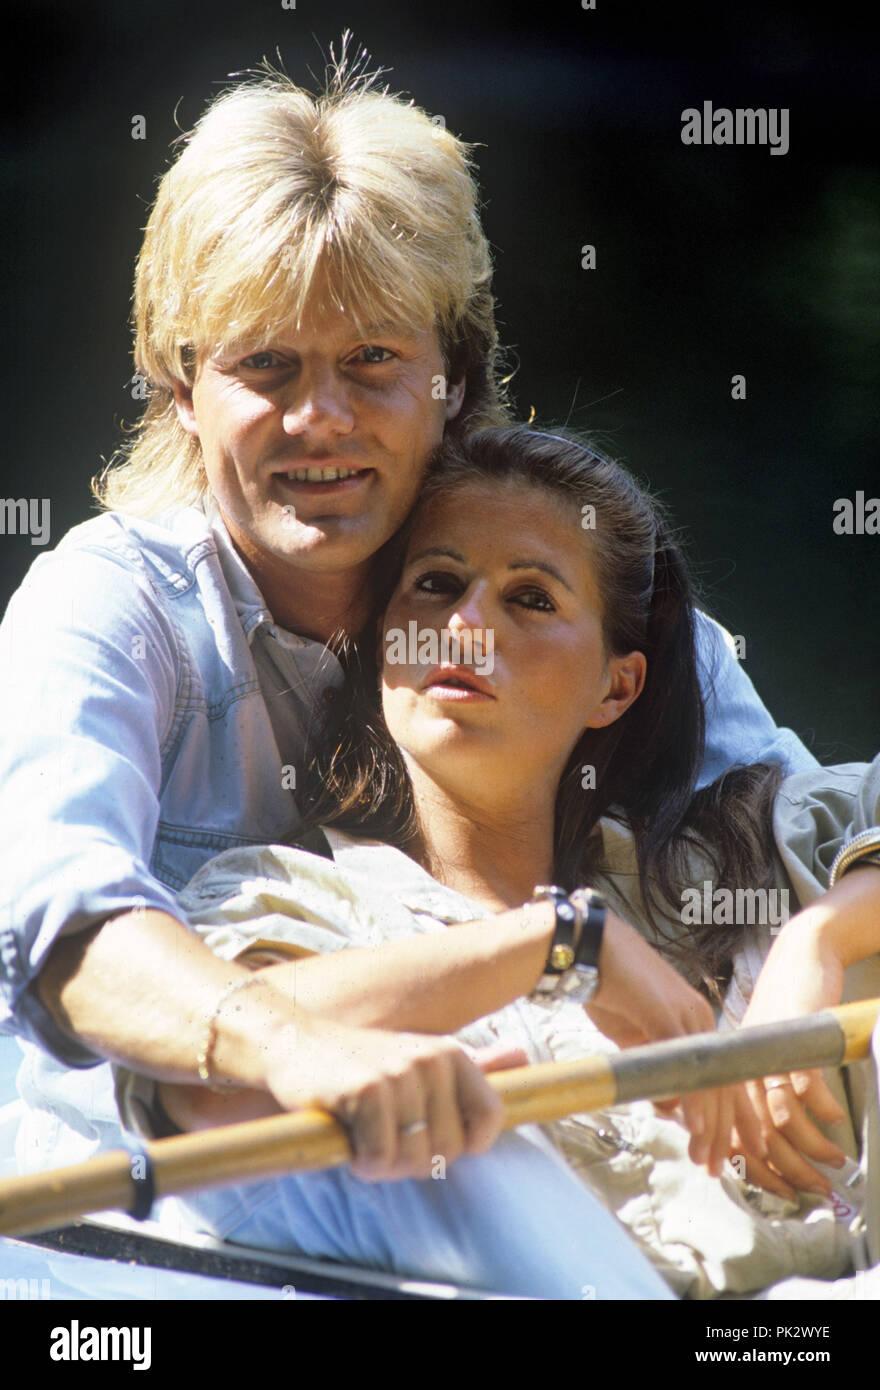 Dieter Bohlen und Erika Sauerland on 30.07.1986 in Hamburg